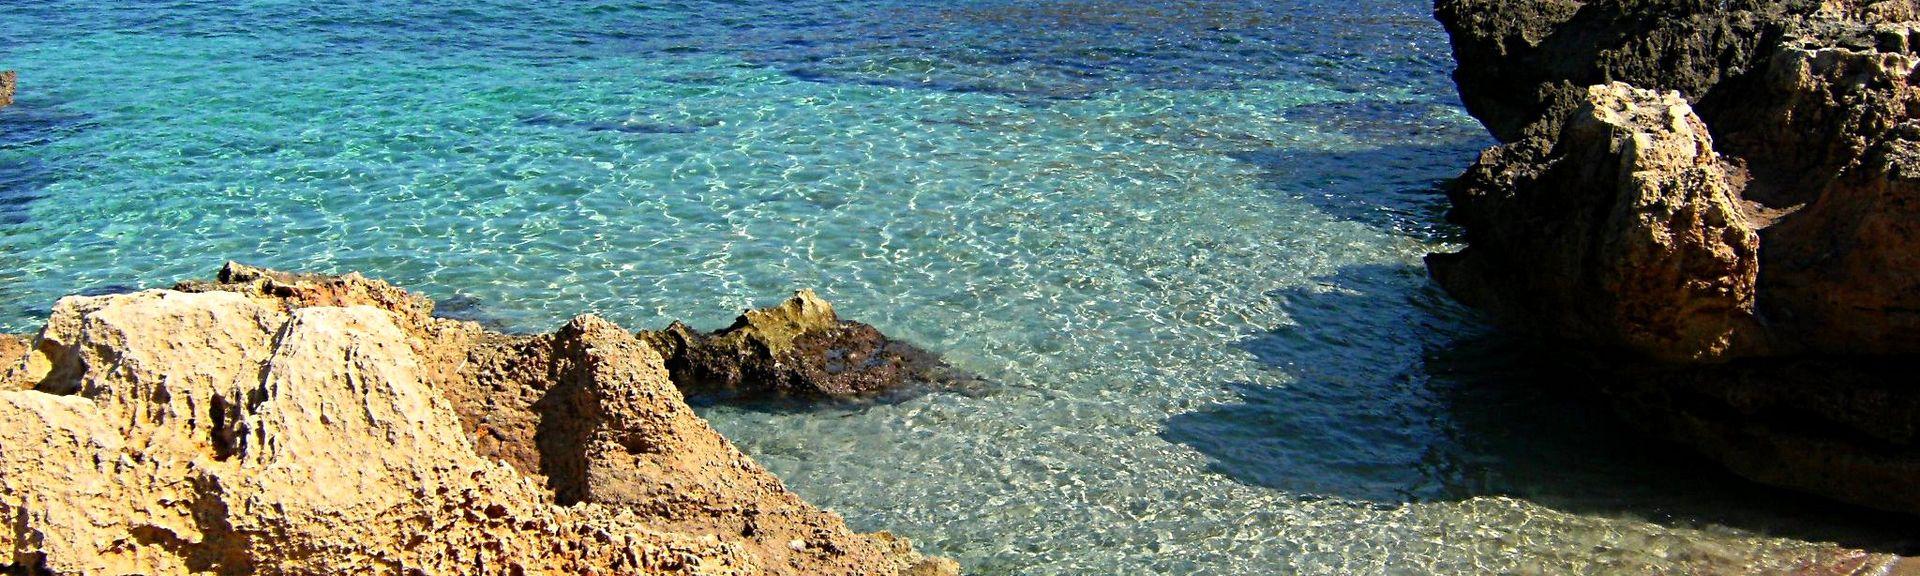 Tonnara di Bonagia, Valderice, Sicily, Italy